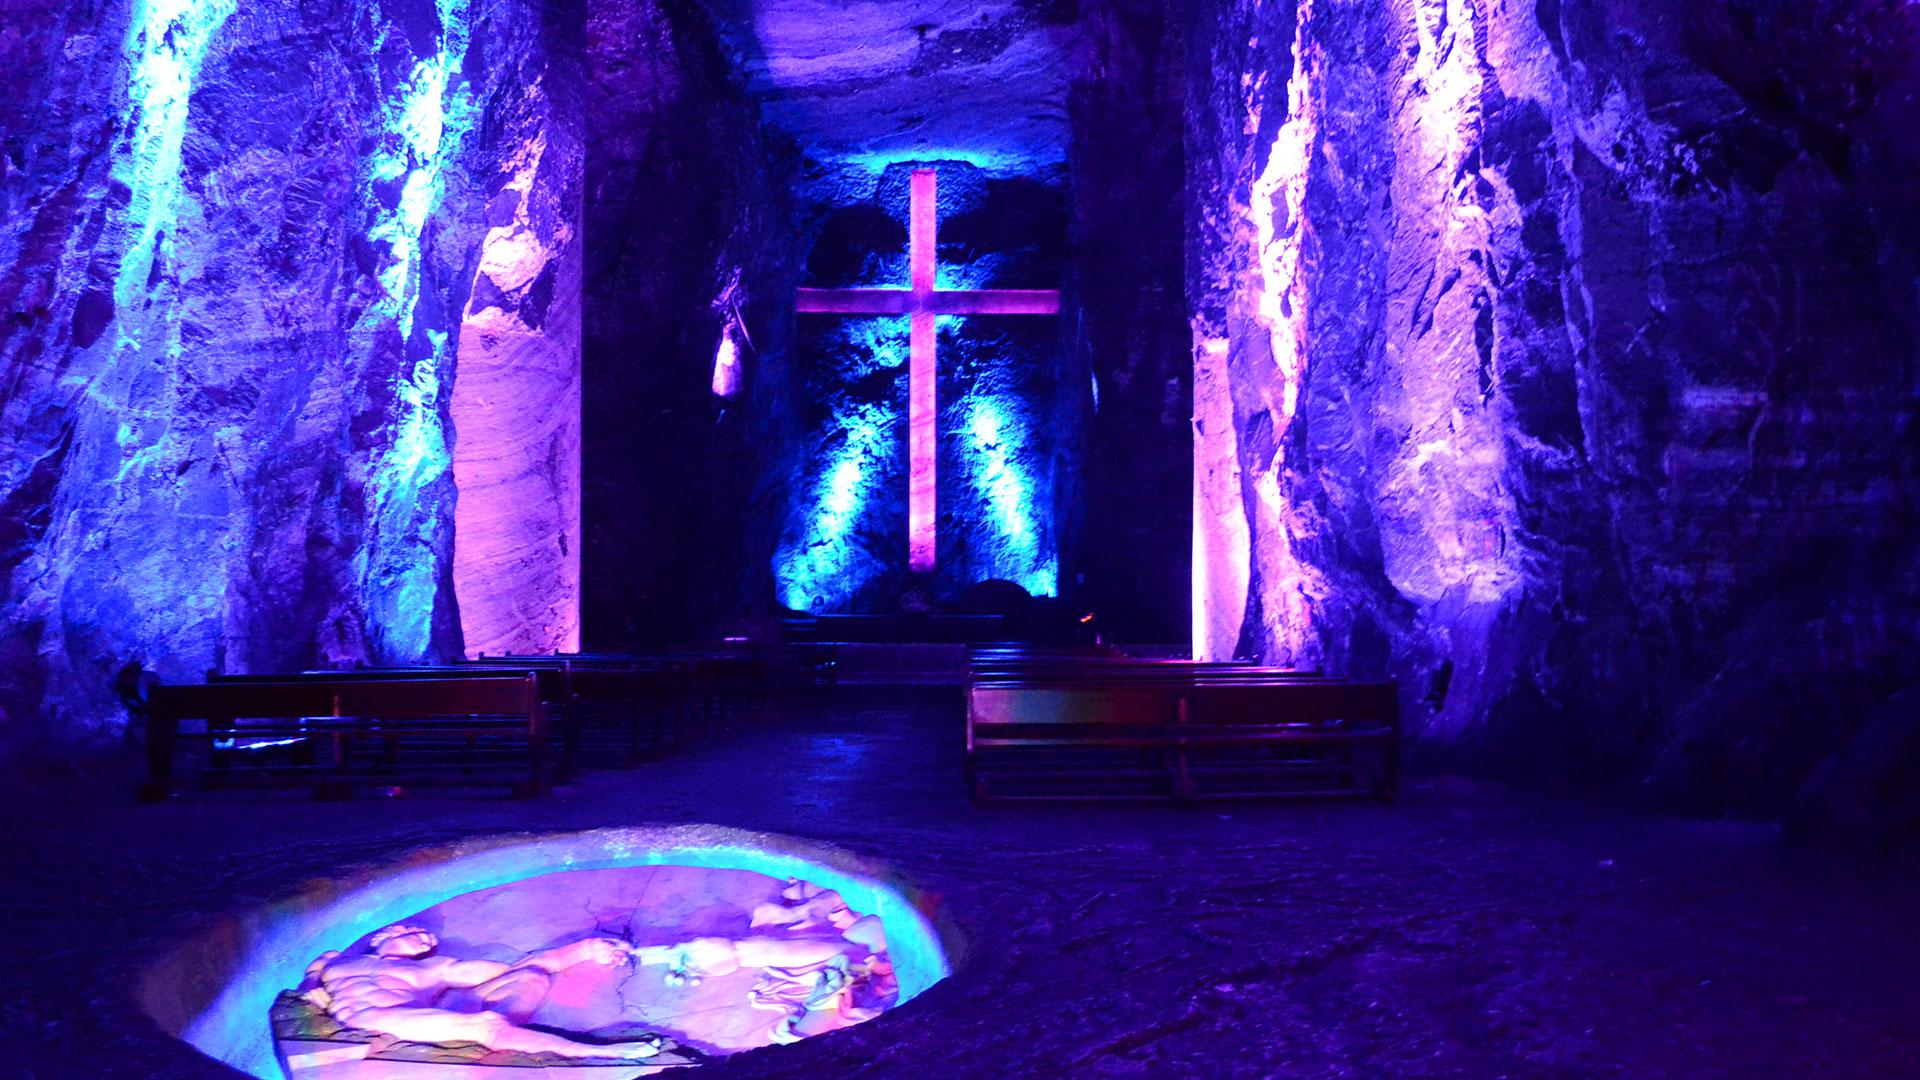 La Catedral de Sal hero asset